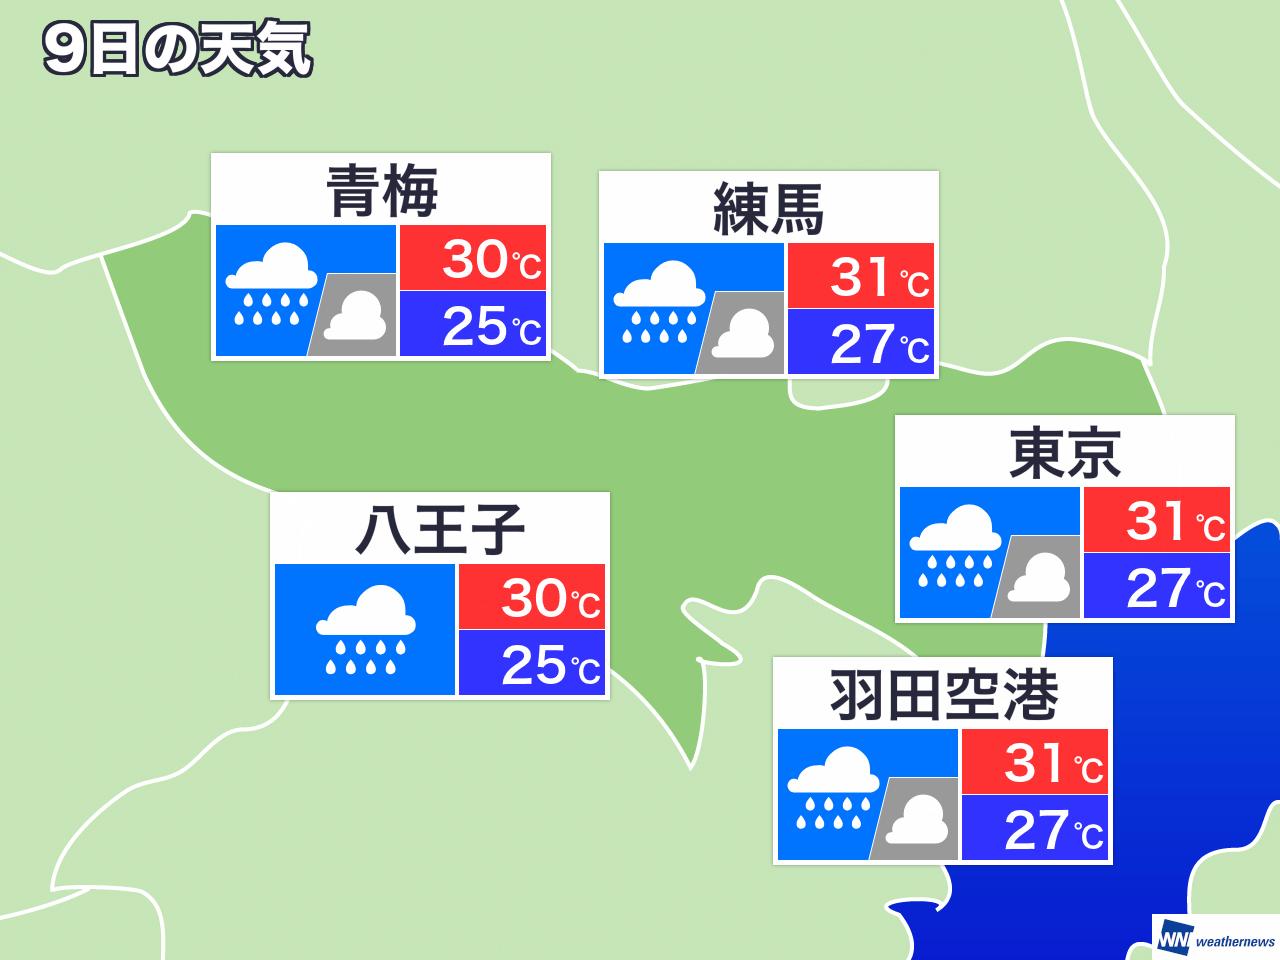 大田 区 天気 予報